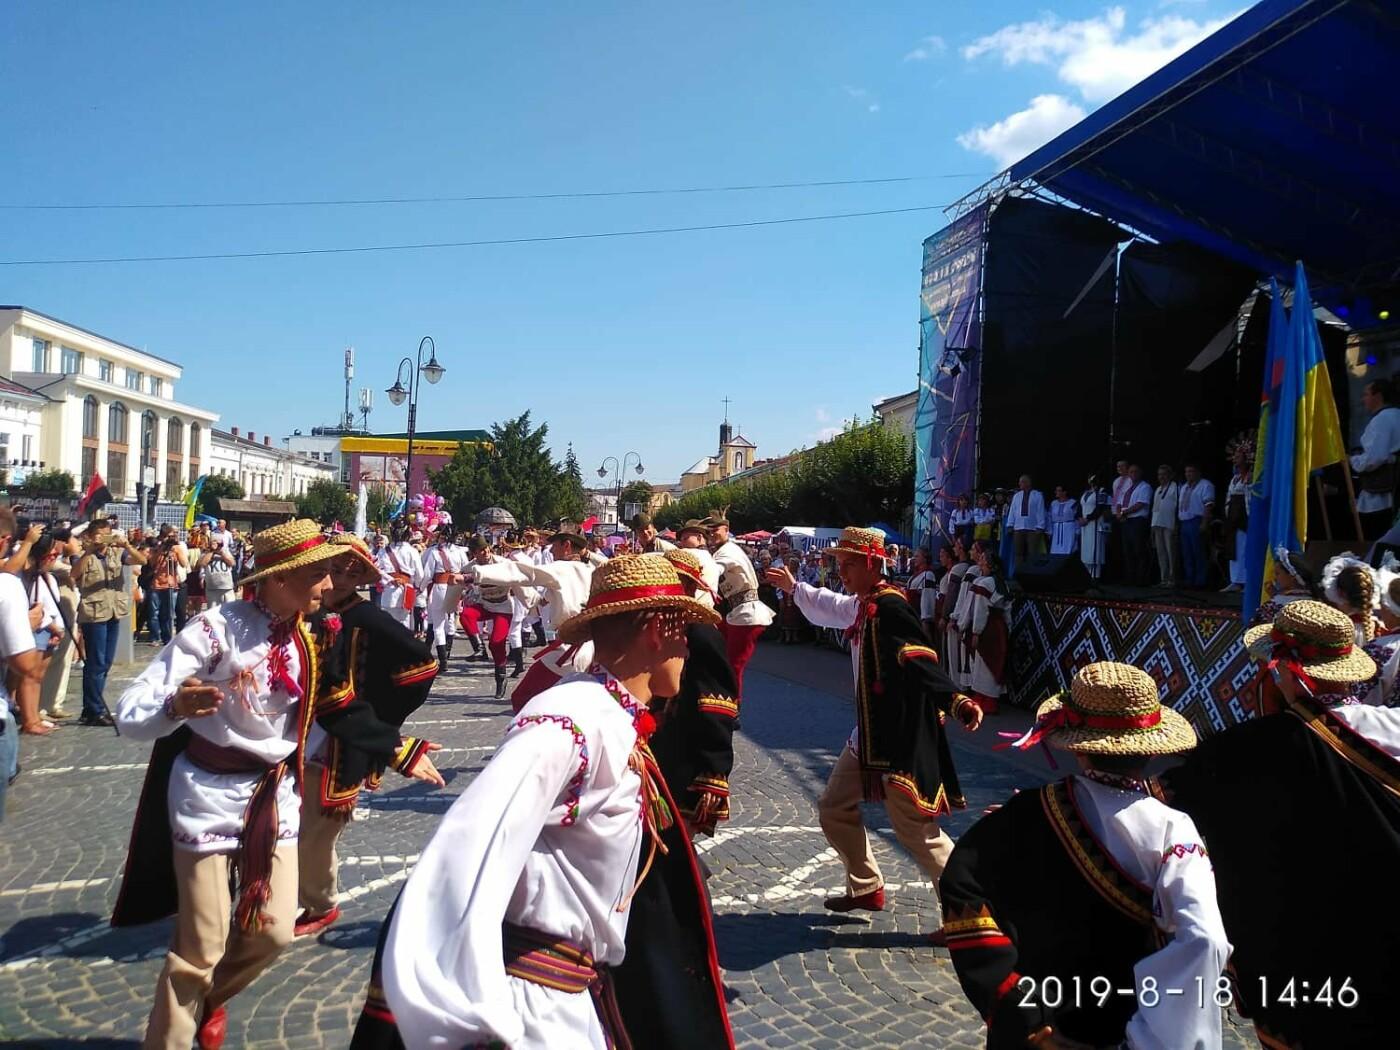 Покутські джерела. Коломия приймає ювілейний фестиваль , фото-5